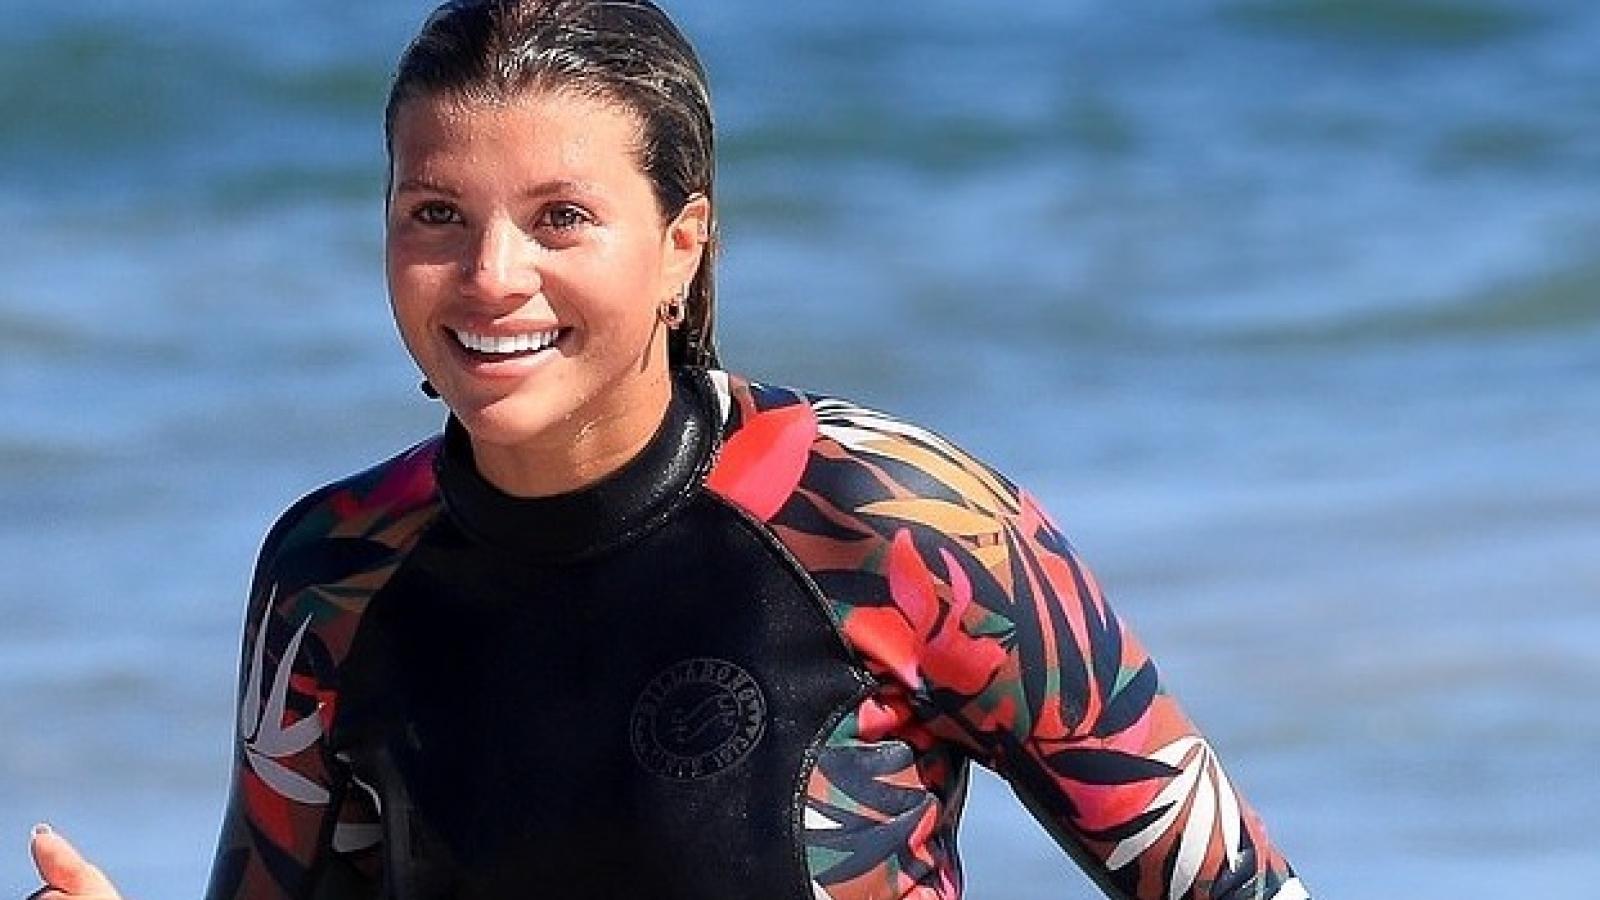 Sofia Richie mặc áo tắm, thỏa sức nô đùa cùng bạn bè trên bãi biển